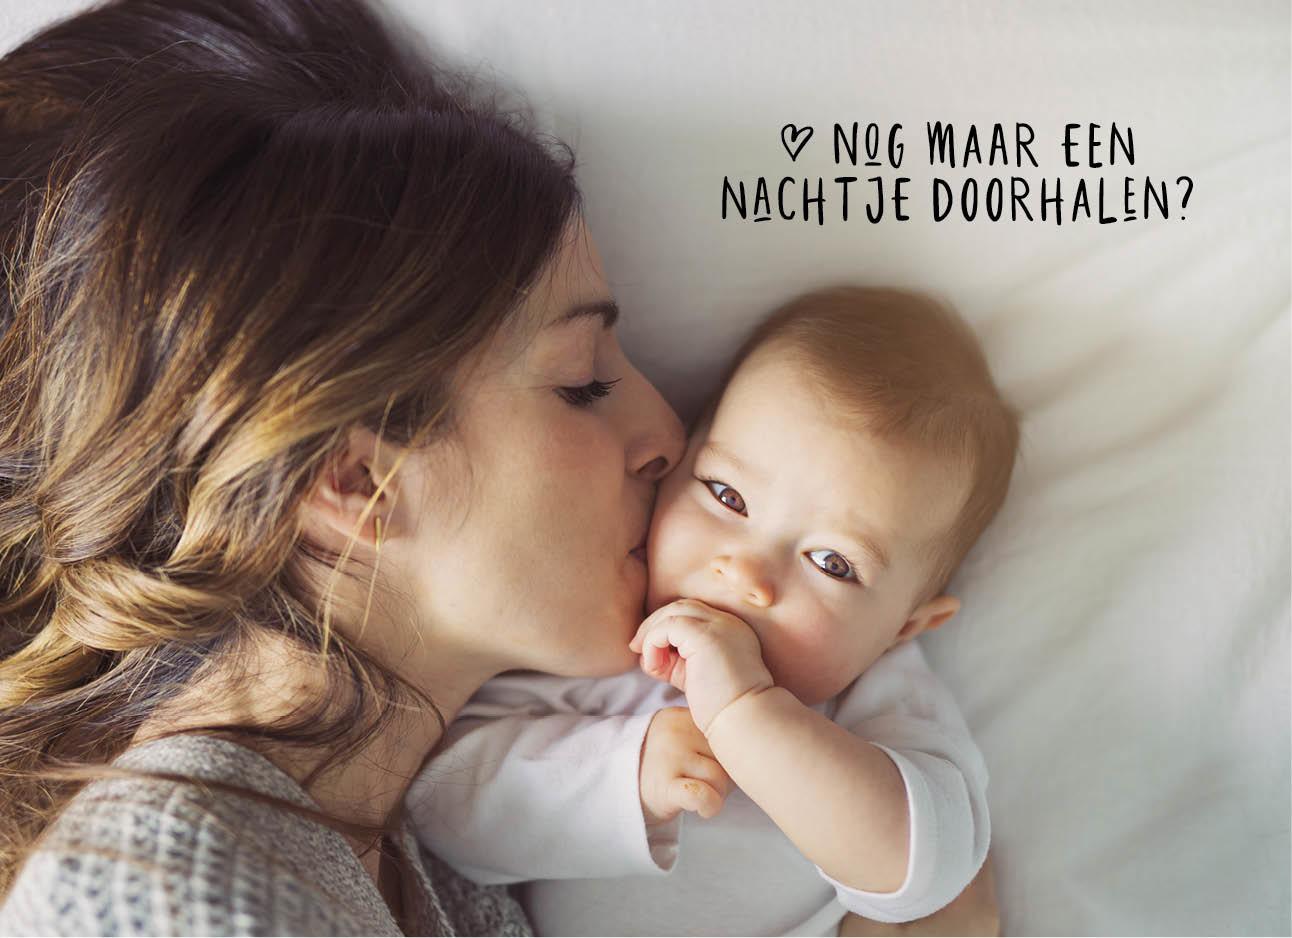 een moeder die haar baby een kus op de bang geeft en op een wi bed liggen